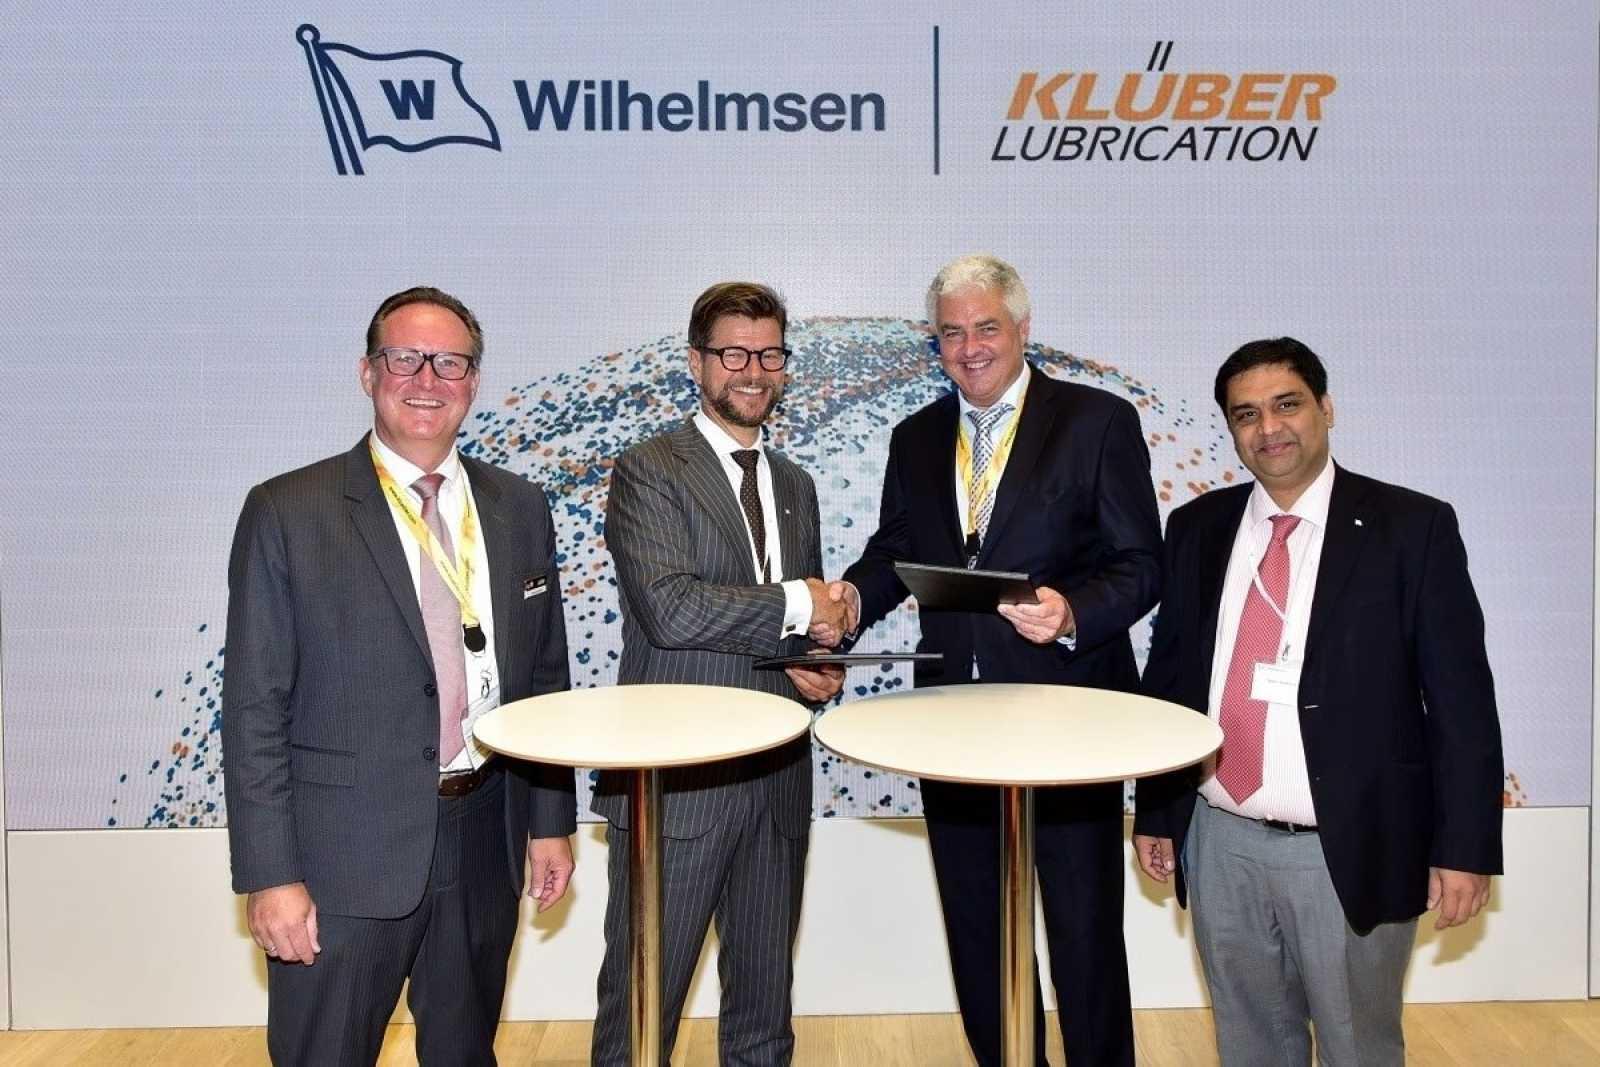 Wilhelmsen Klueber